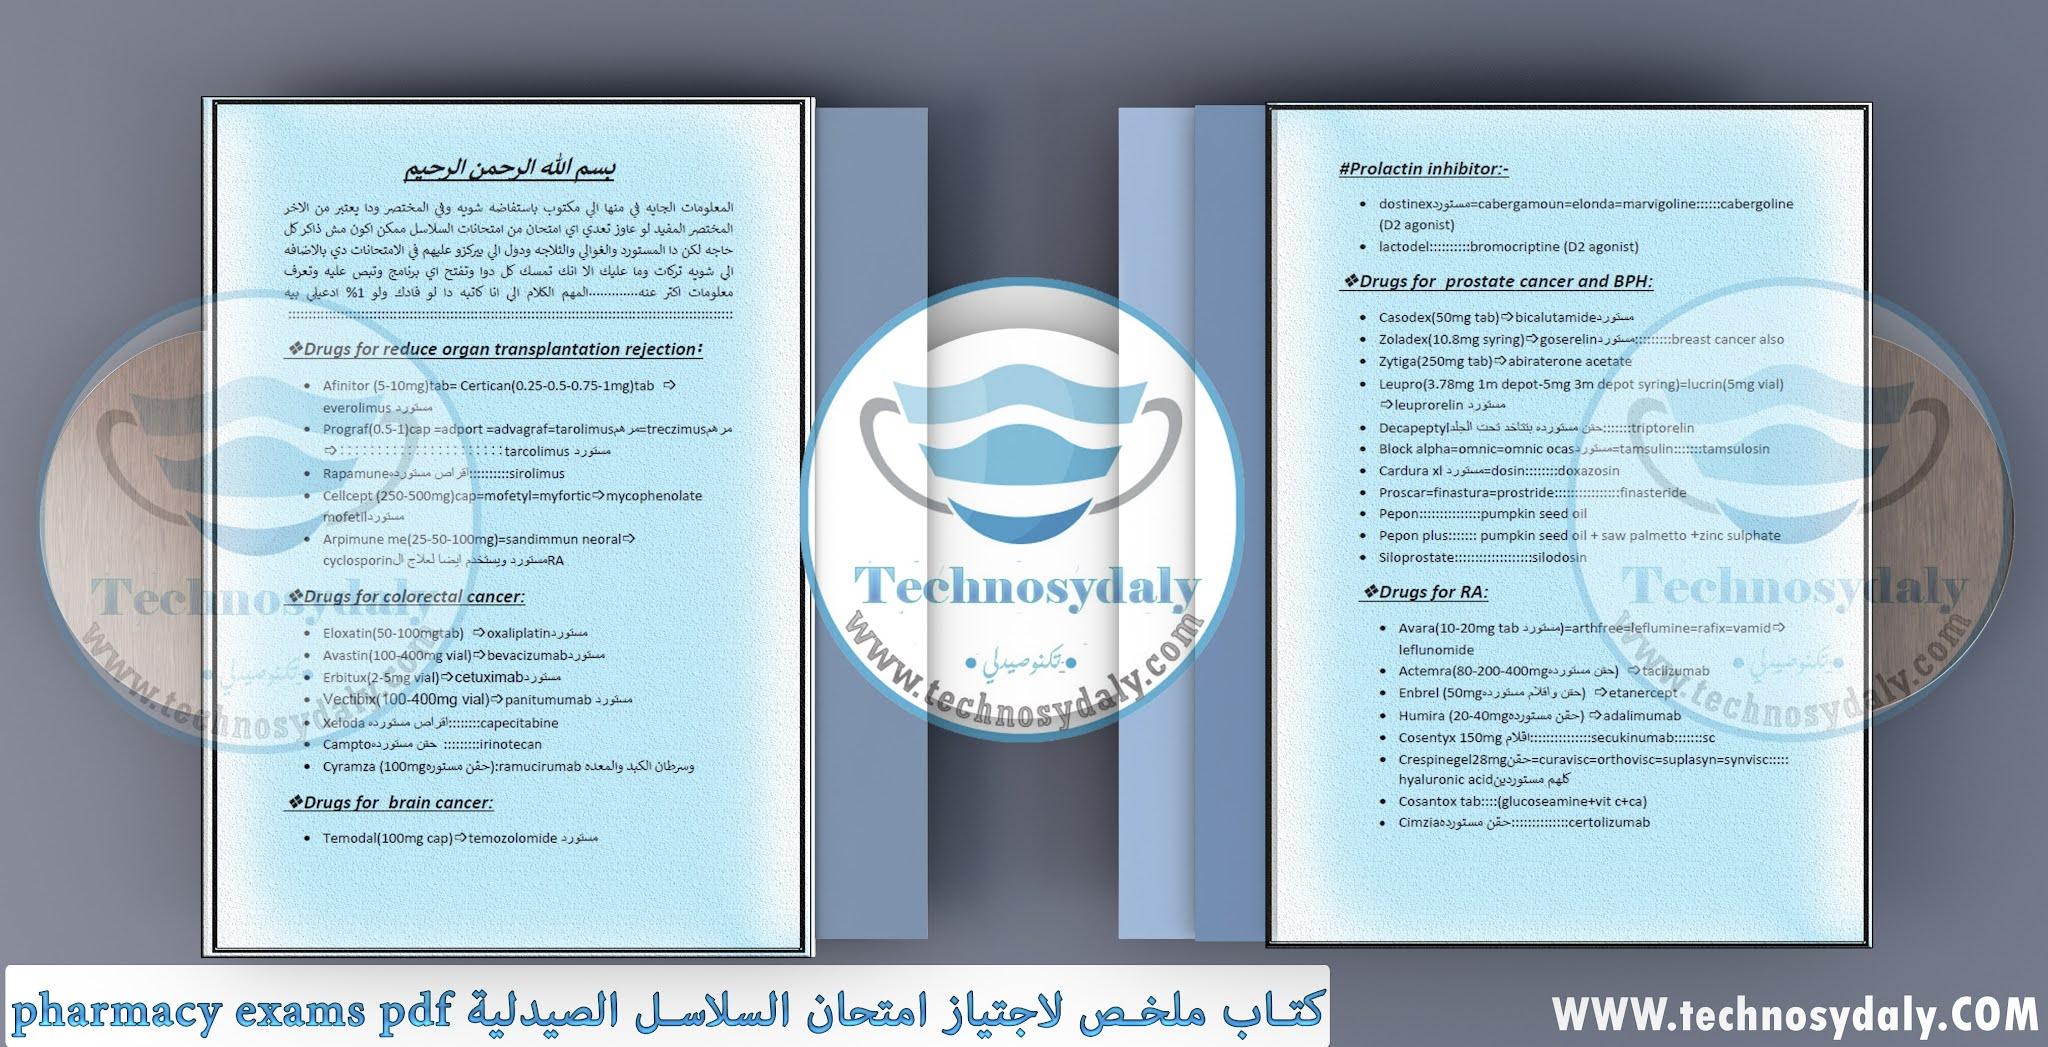 كتاب ملخص لاجتياز امتحان السلاسل الصيدلية pharmacy exams pdf